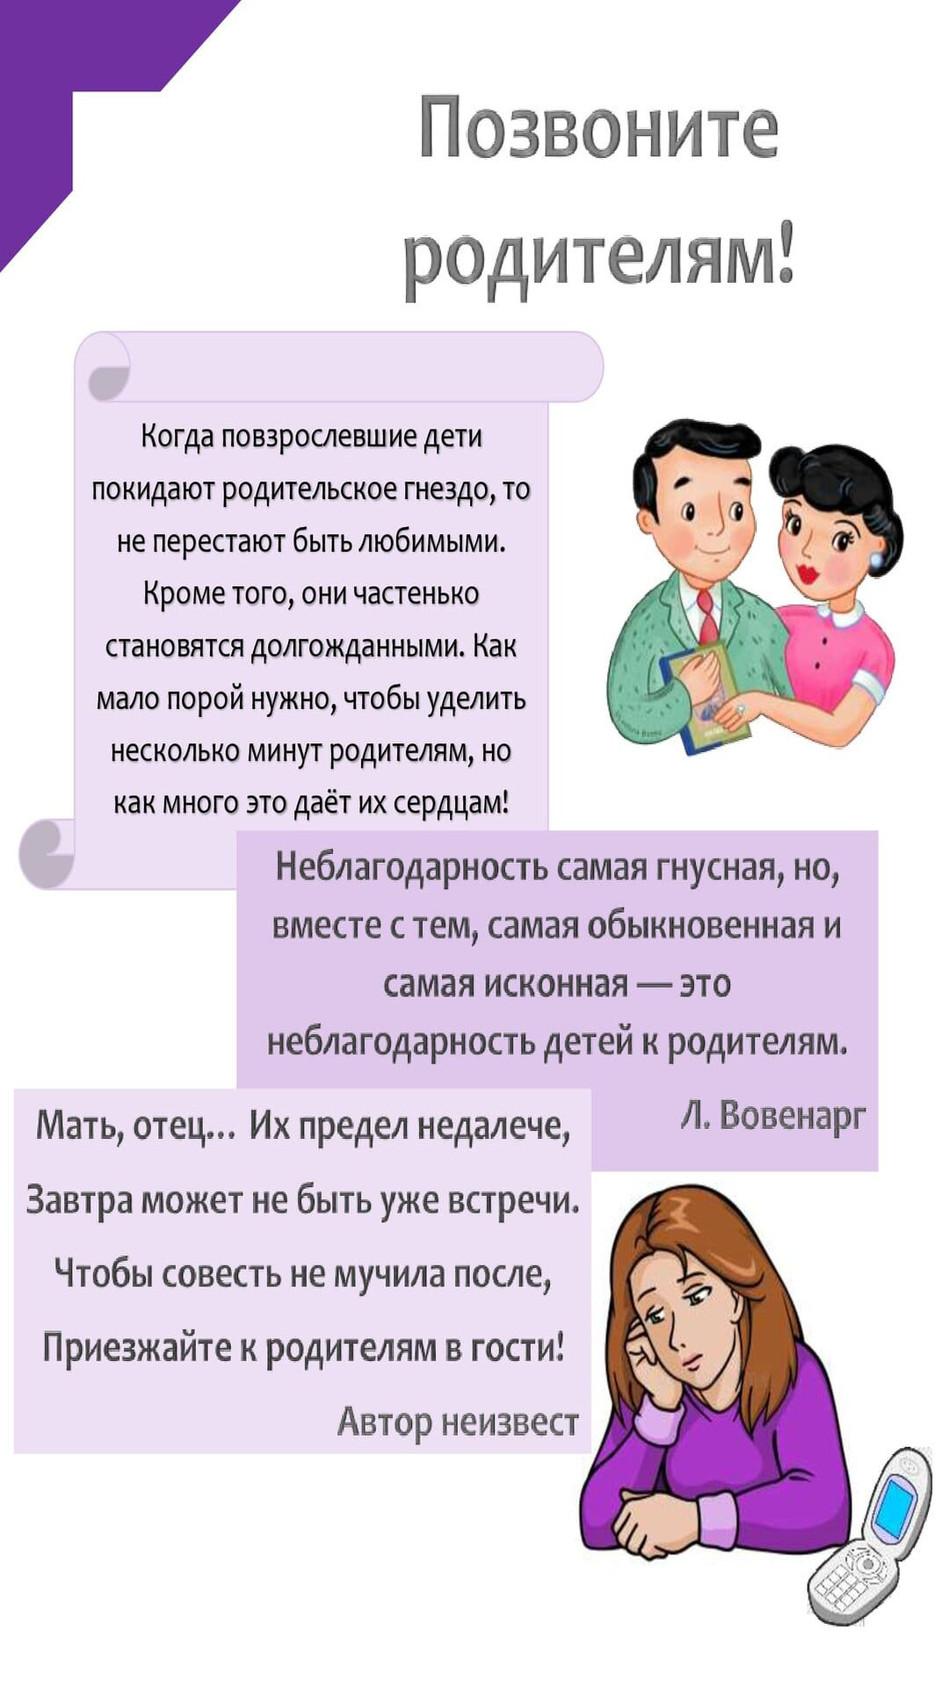 Князева Екатерина. Позвоните родителям.j